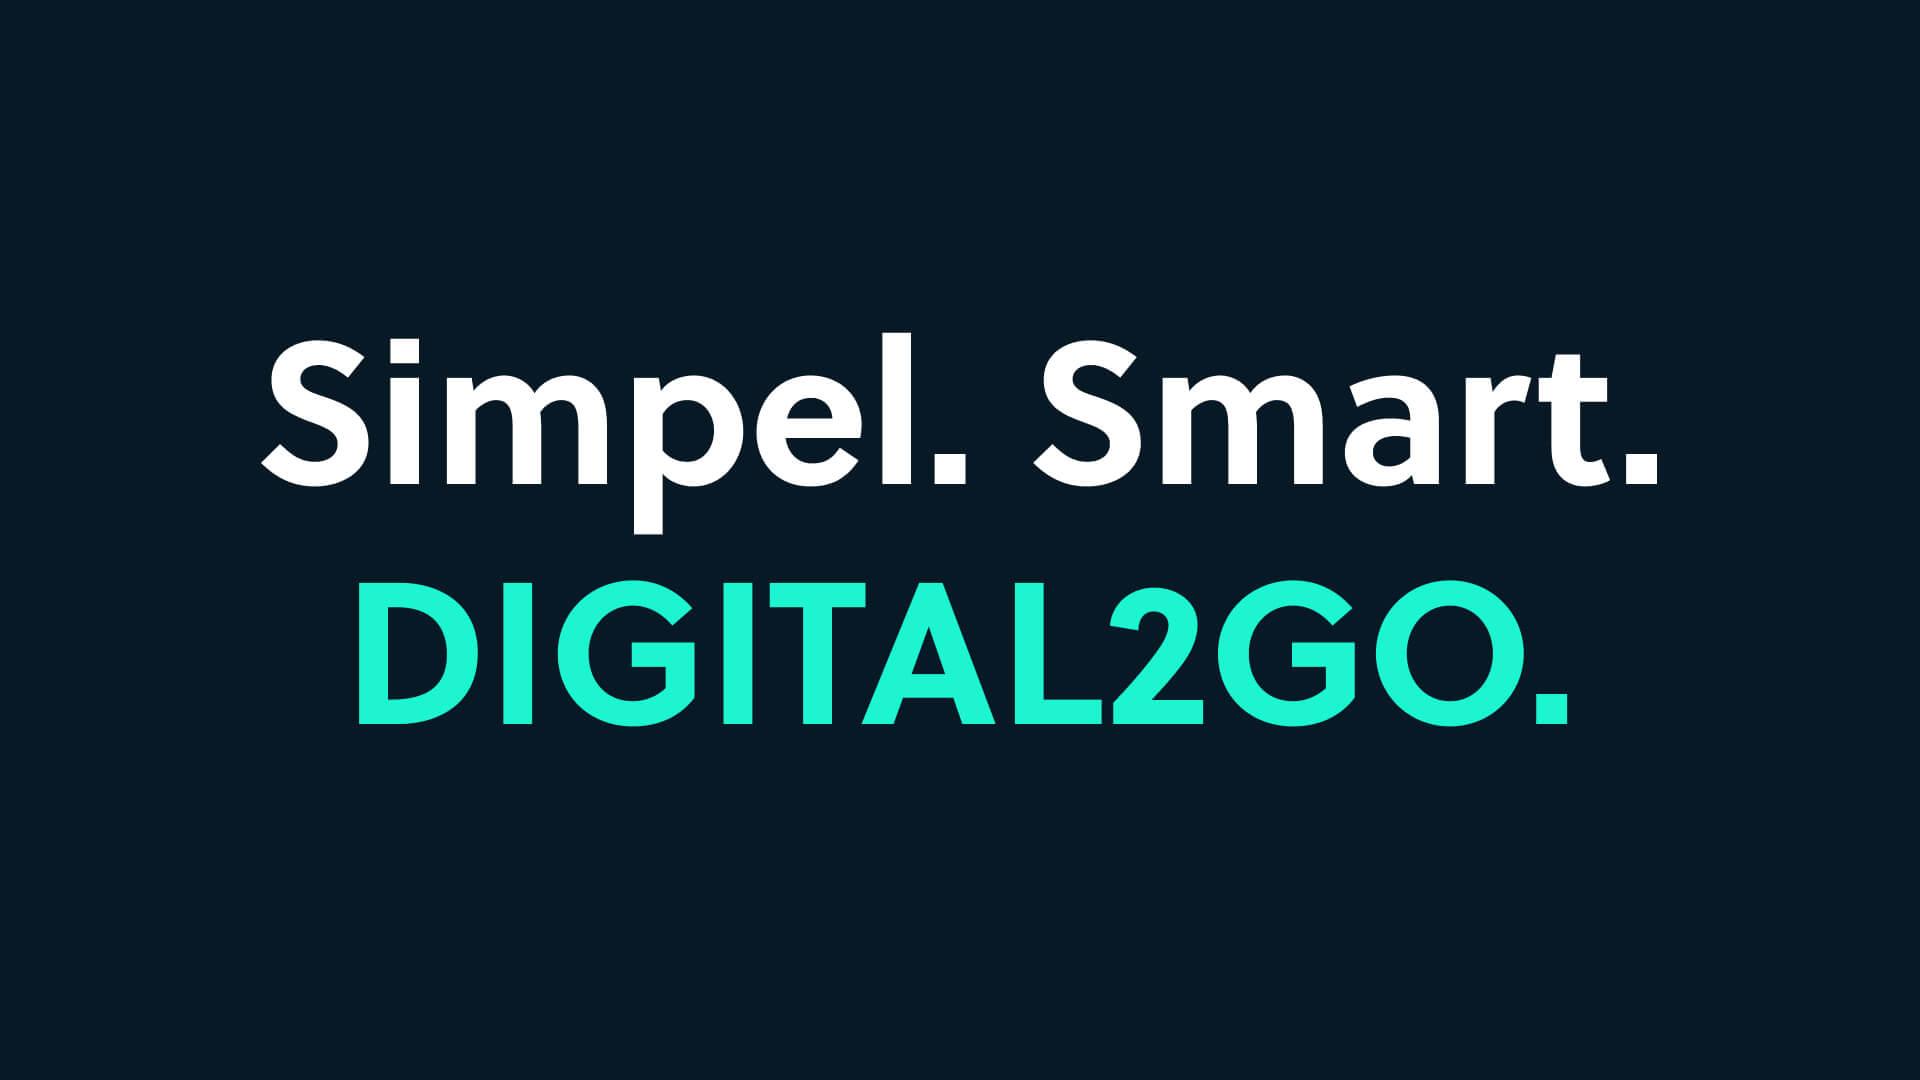 Simpel. Smart. DIGITAL2GO.